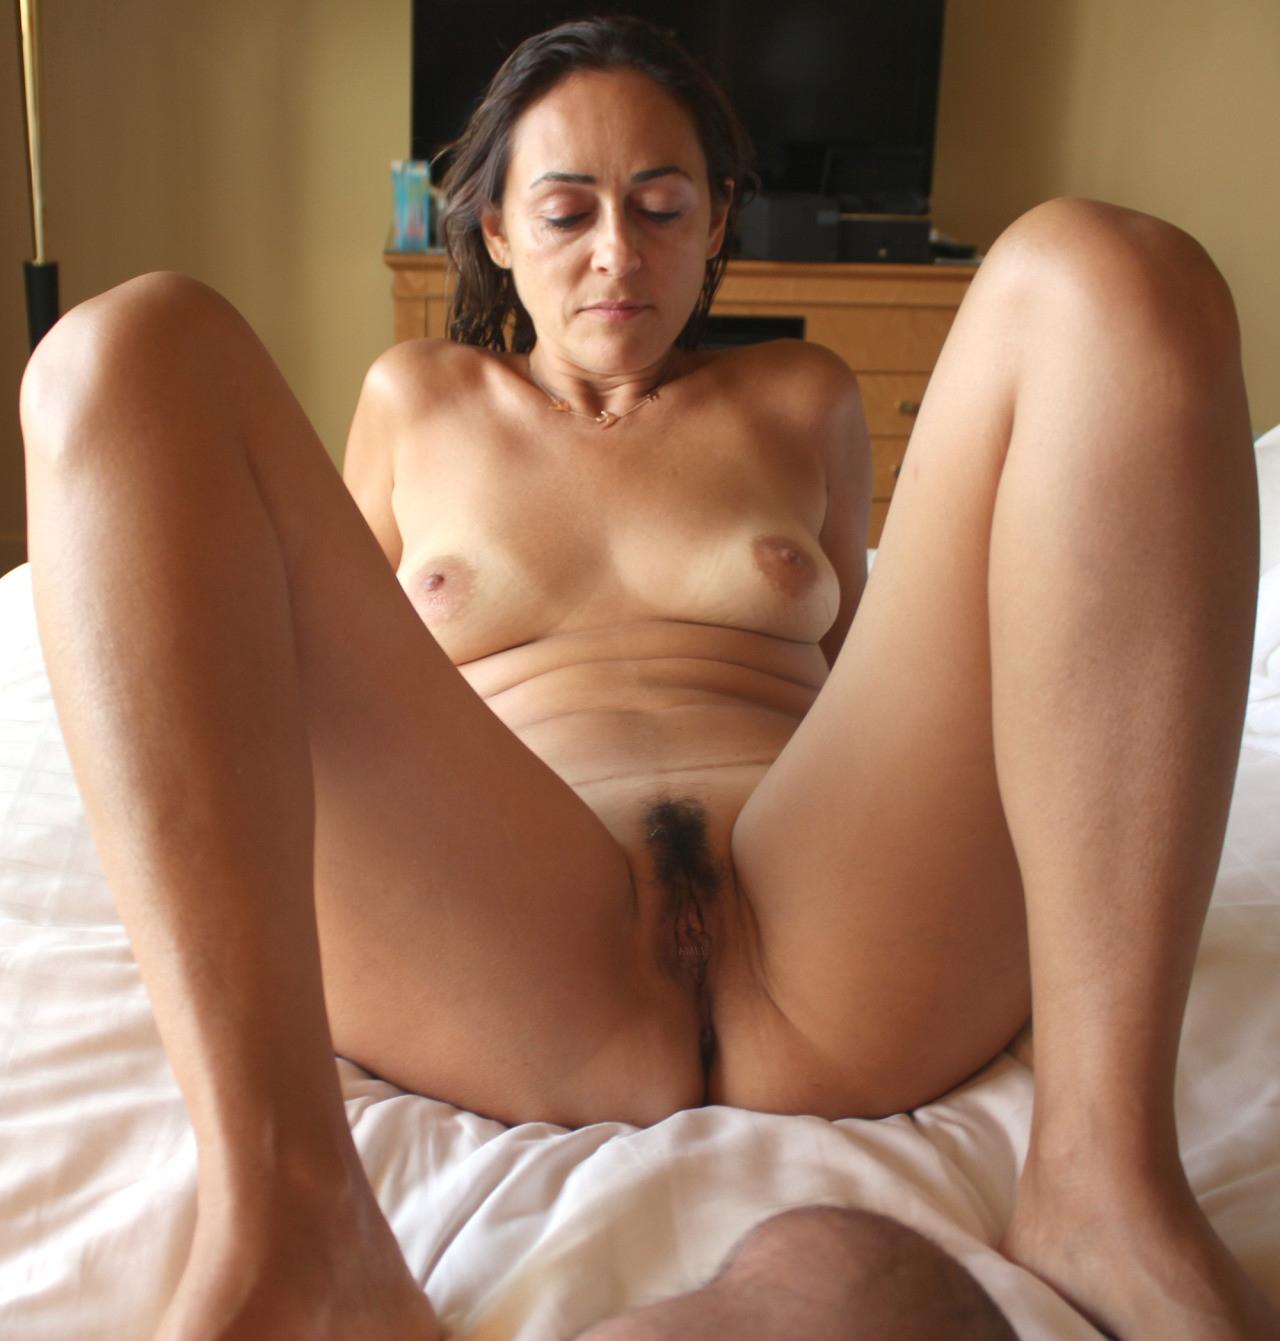 Porn hub of gwen stasy hd